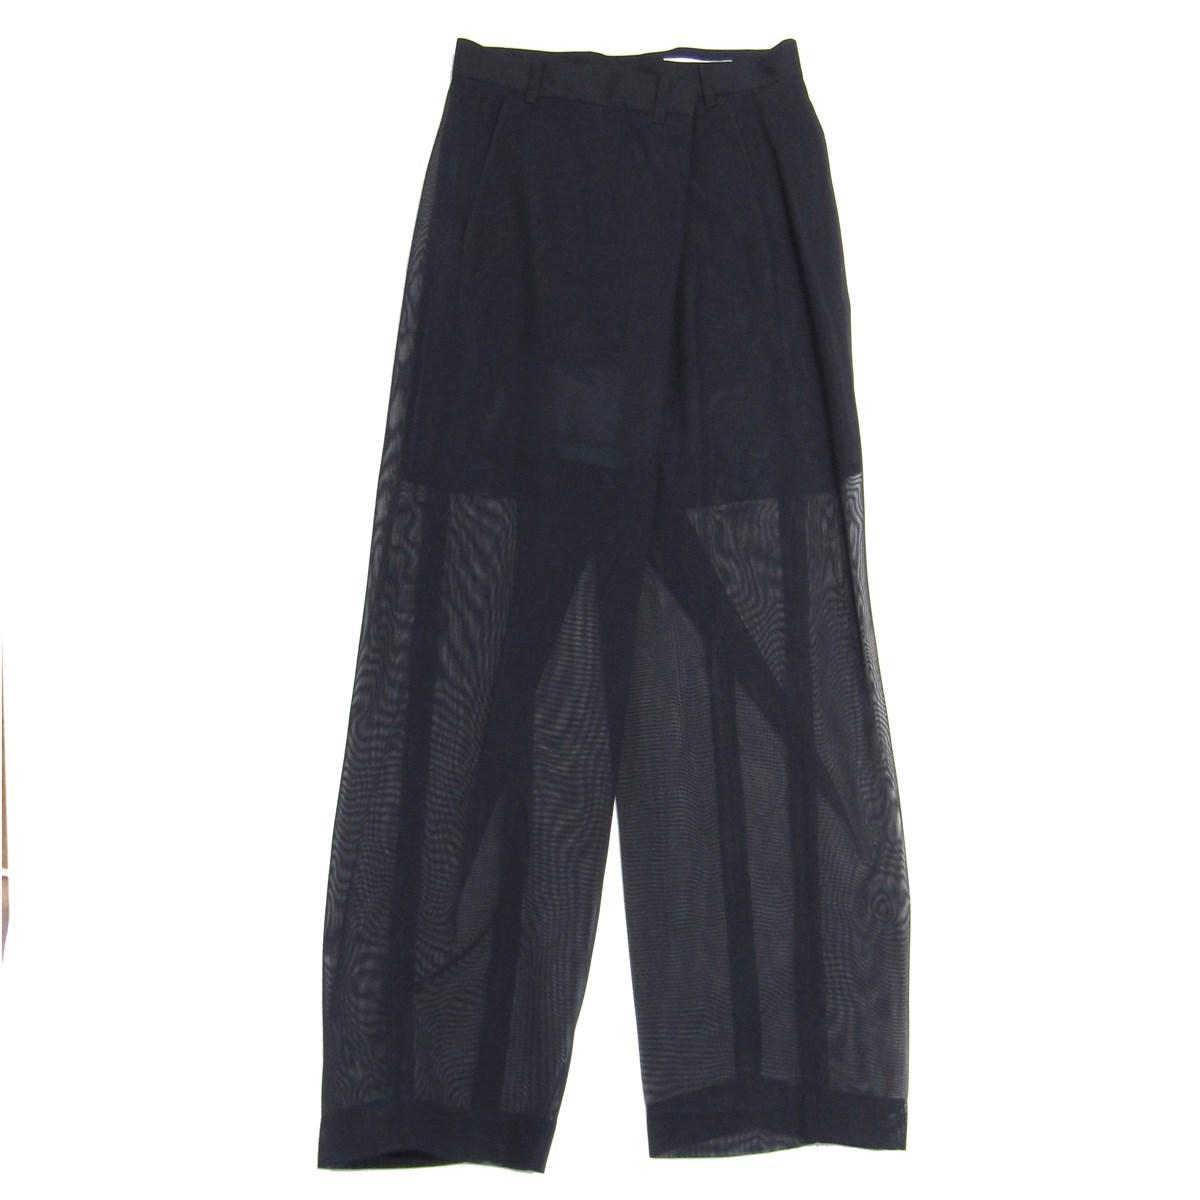 【中古】TOGA ARCHIVES Polyester Mesh Pants メッシュ切替パンツ ネイビー サイズ:34 【010420】(トーガ)